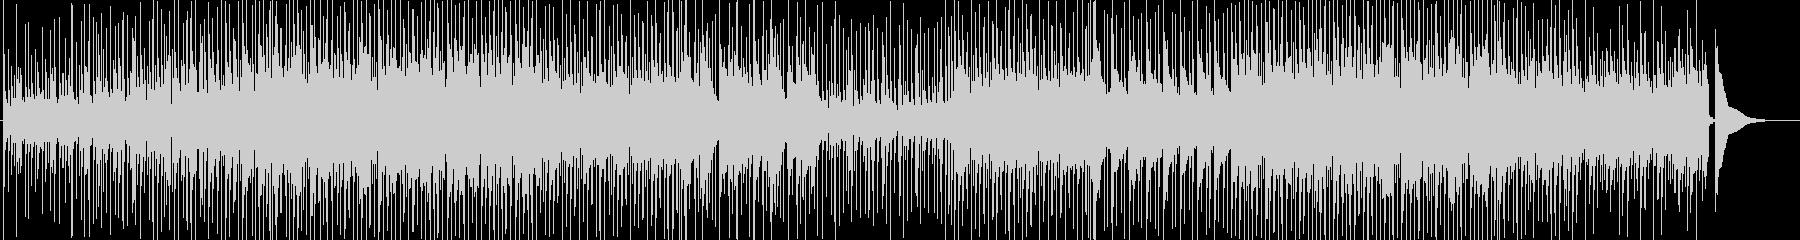 アコースティック-ギター-爽やか-ピアノの未再生の波形